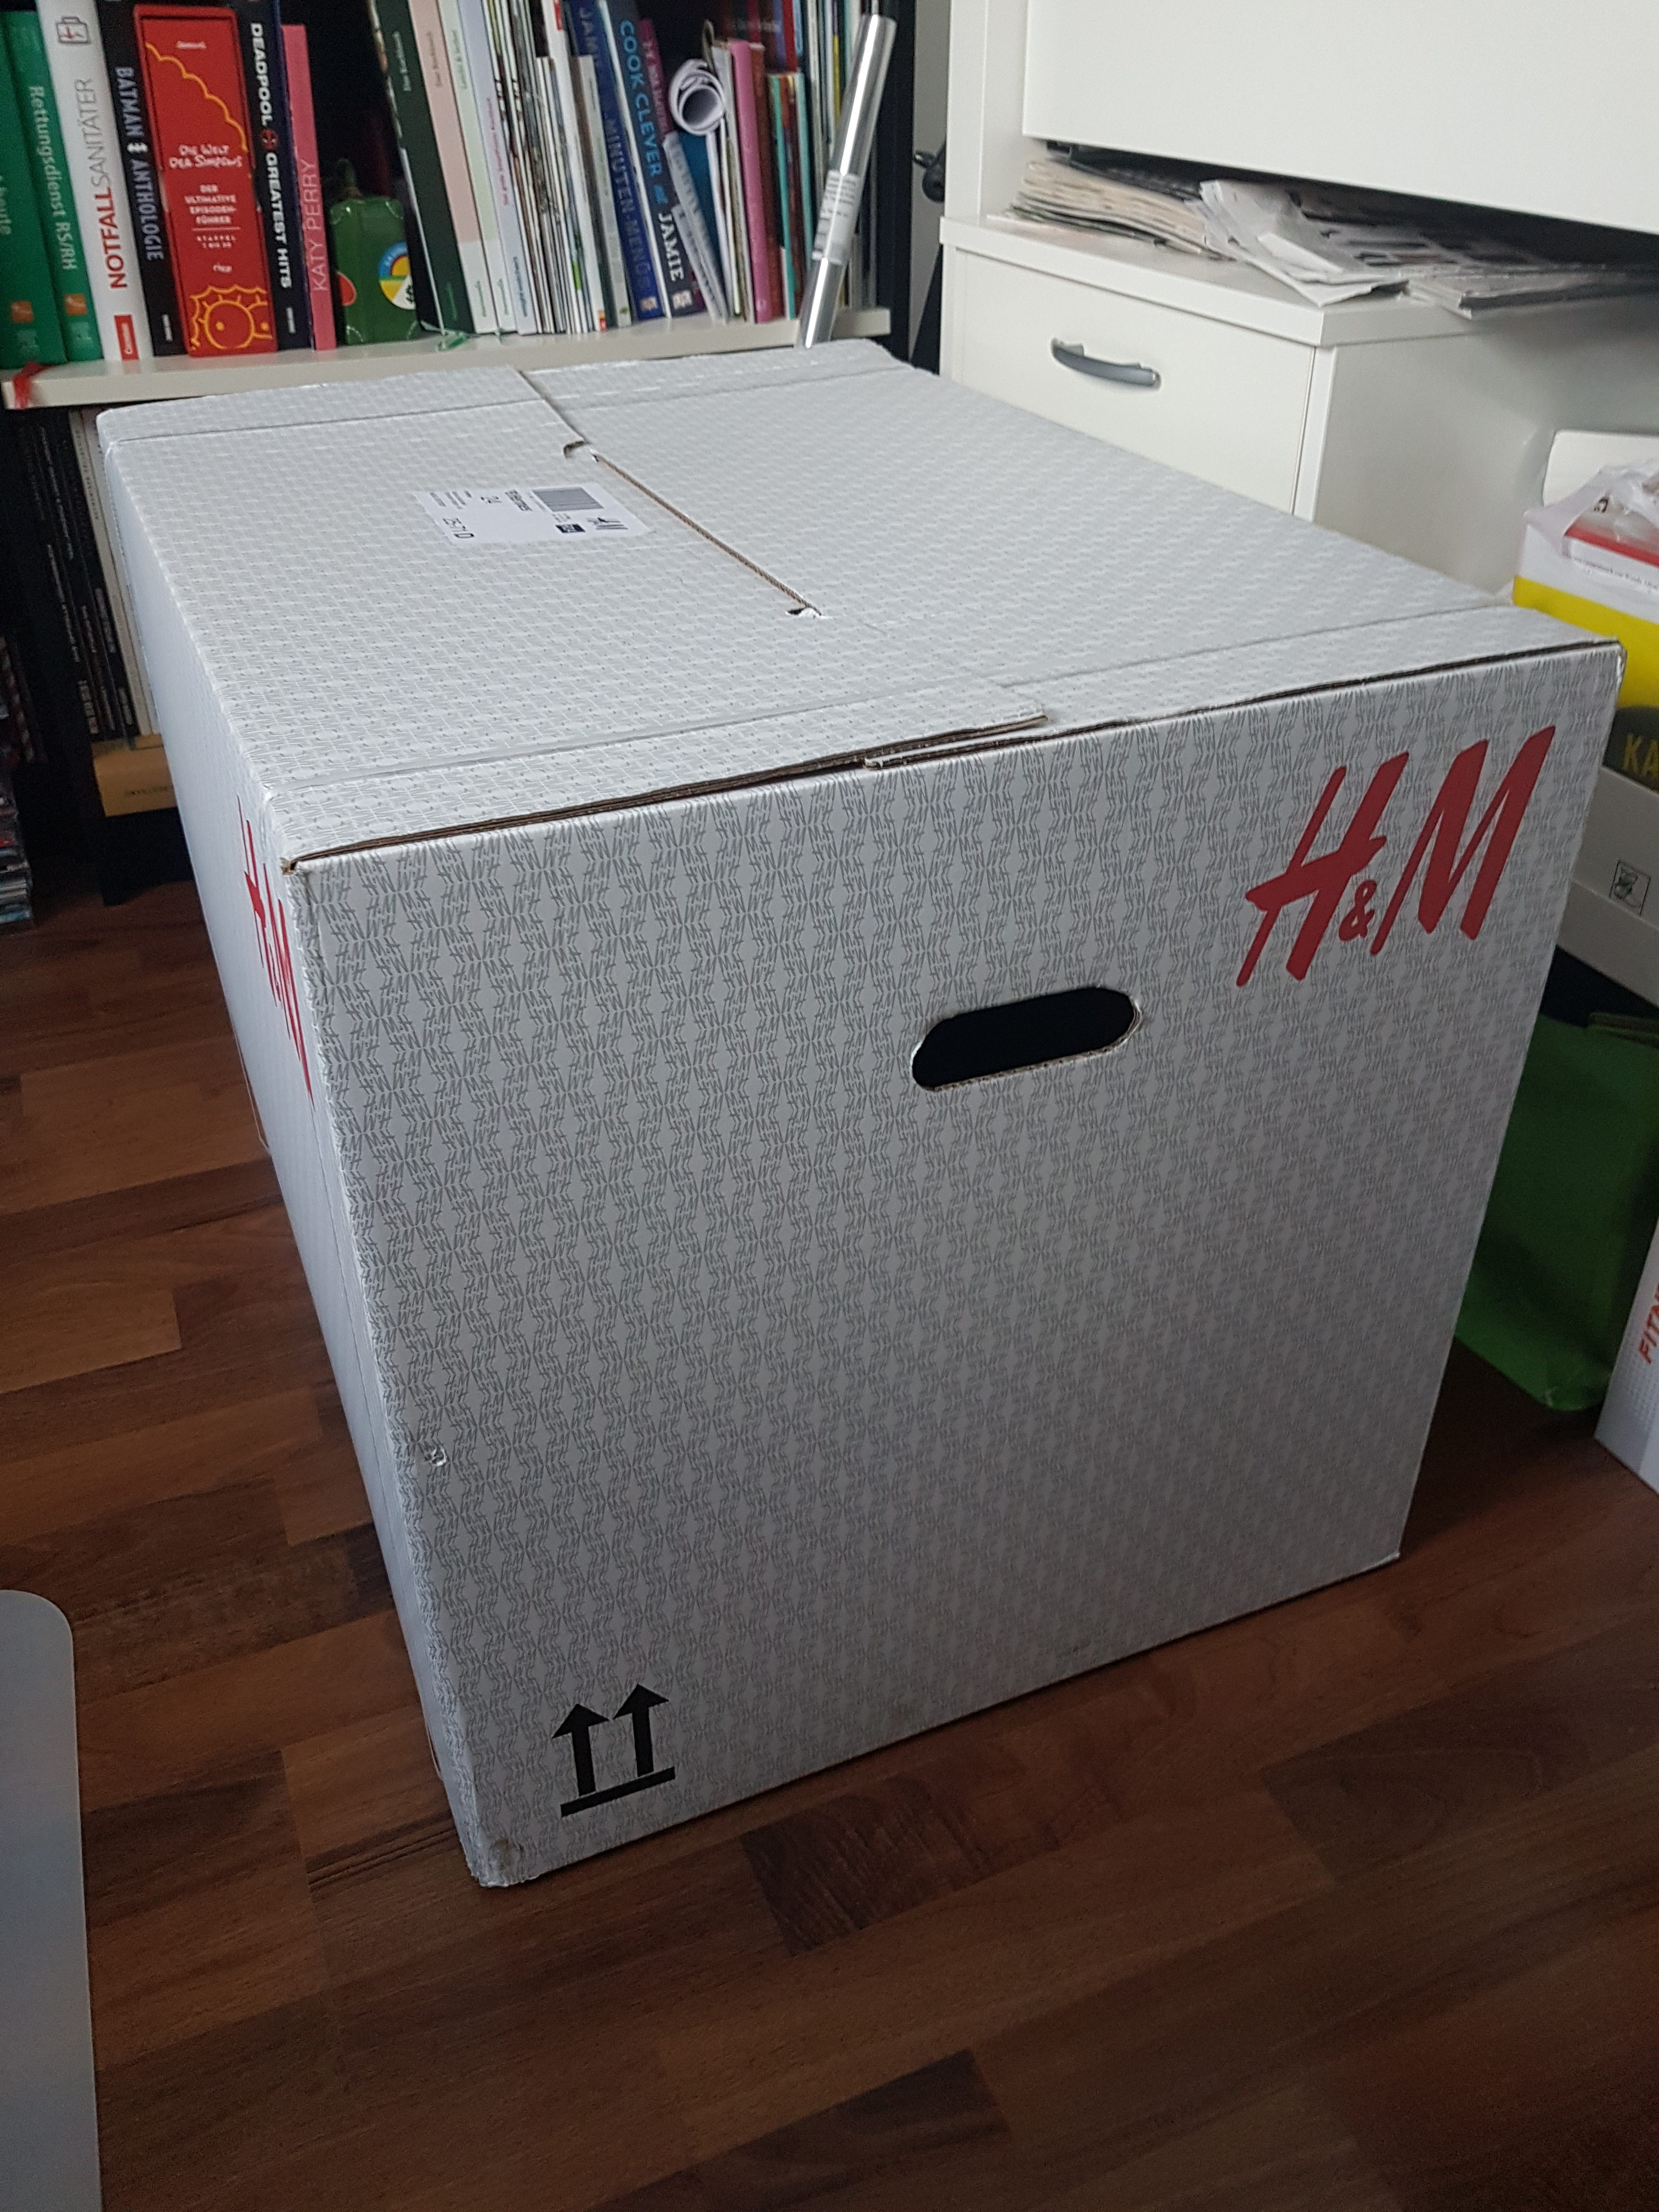 Wochenrückblick 08/ 2017 - Kleine H&M Bestellung